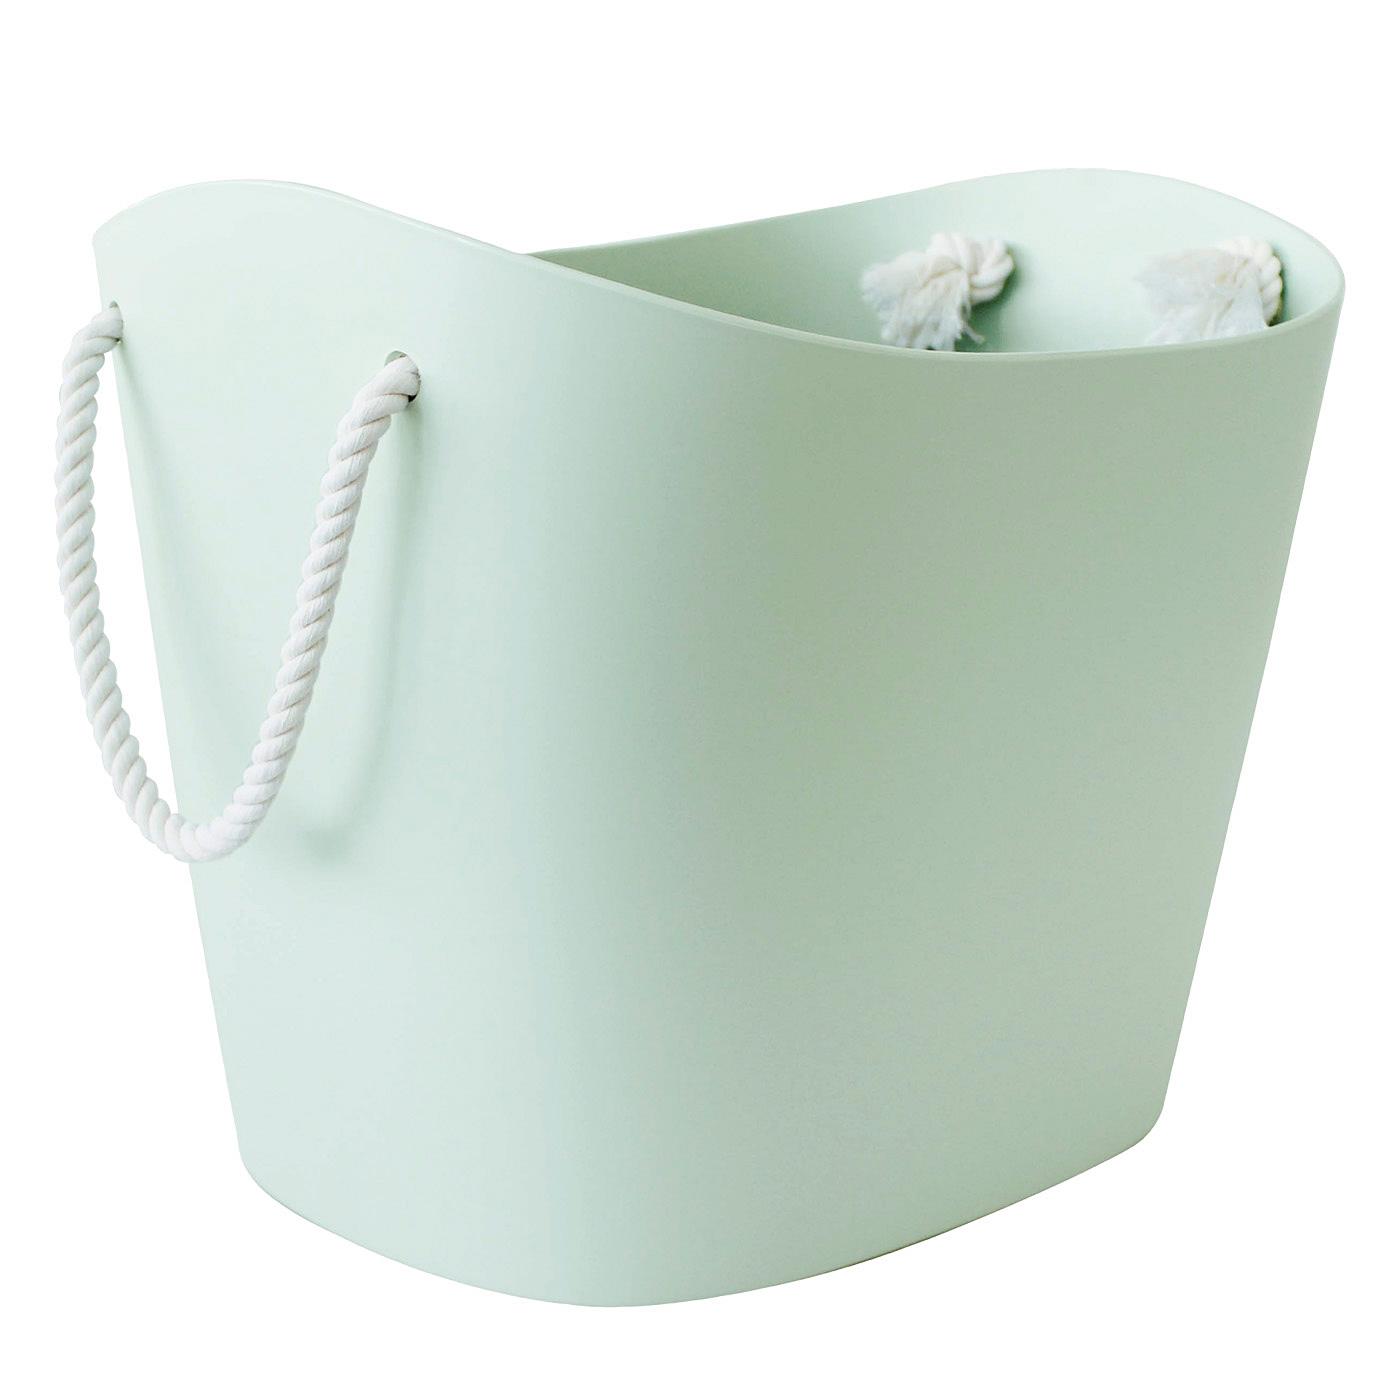 素材は水にも強いポリエチレン。水まわりアイテムの収納にも便利。